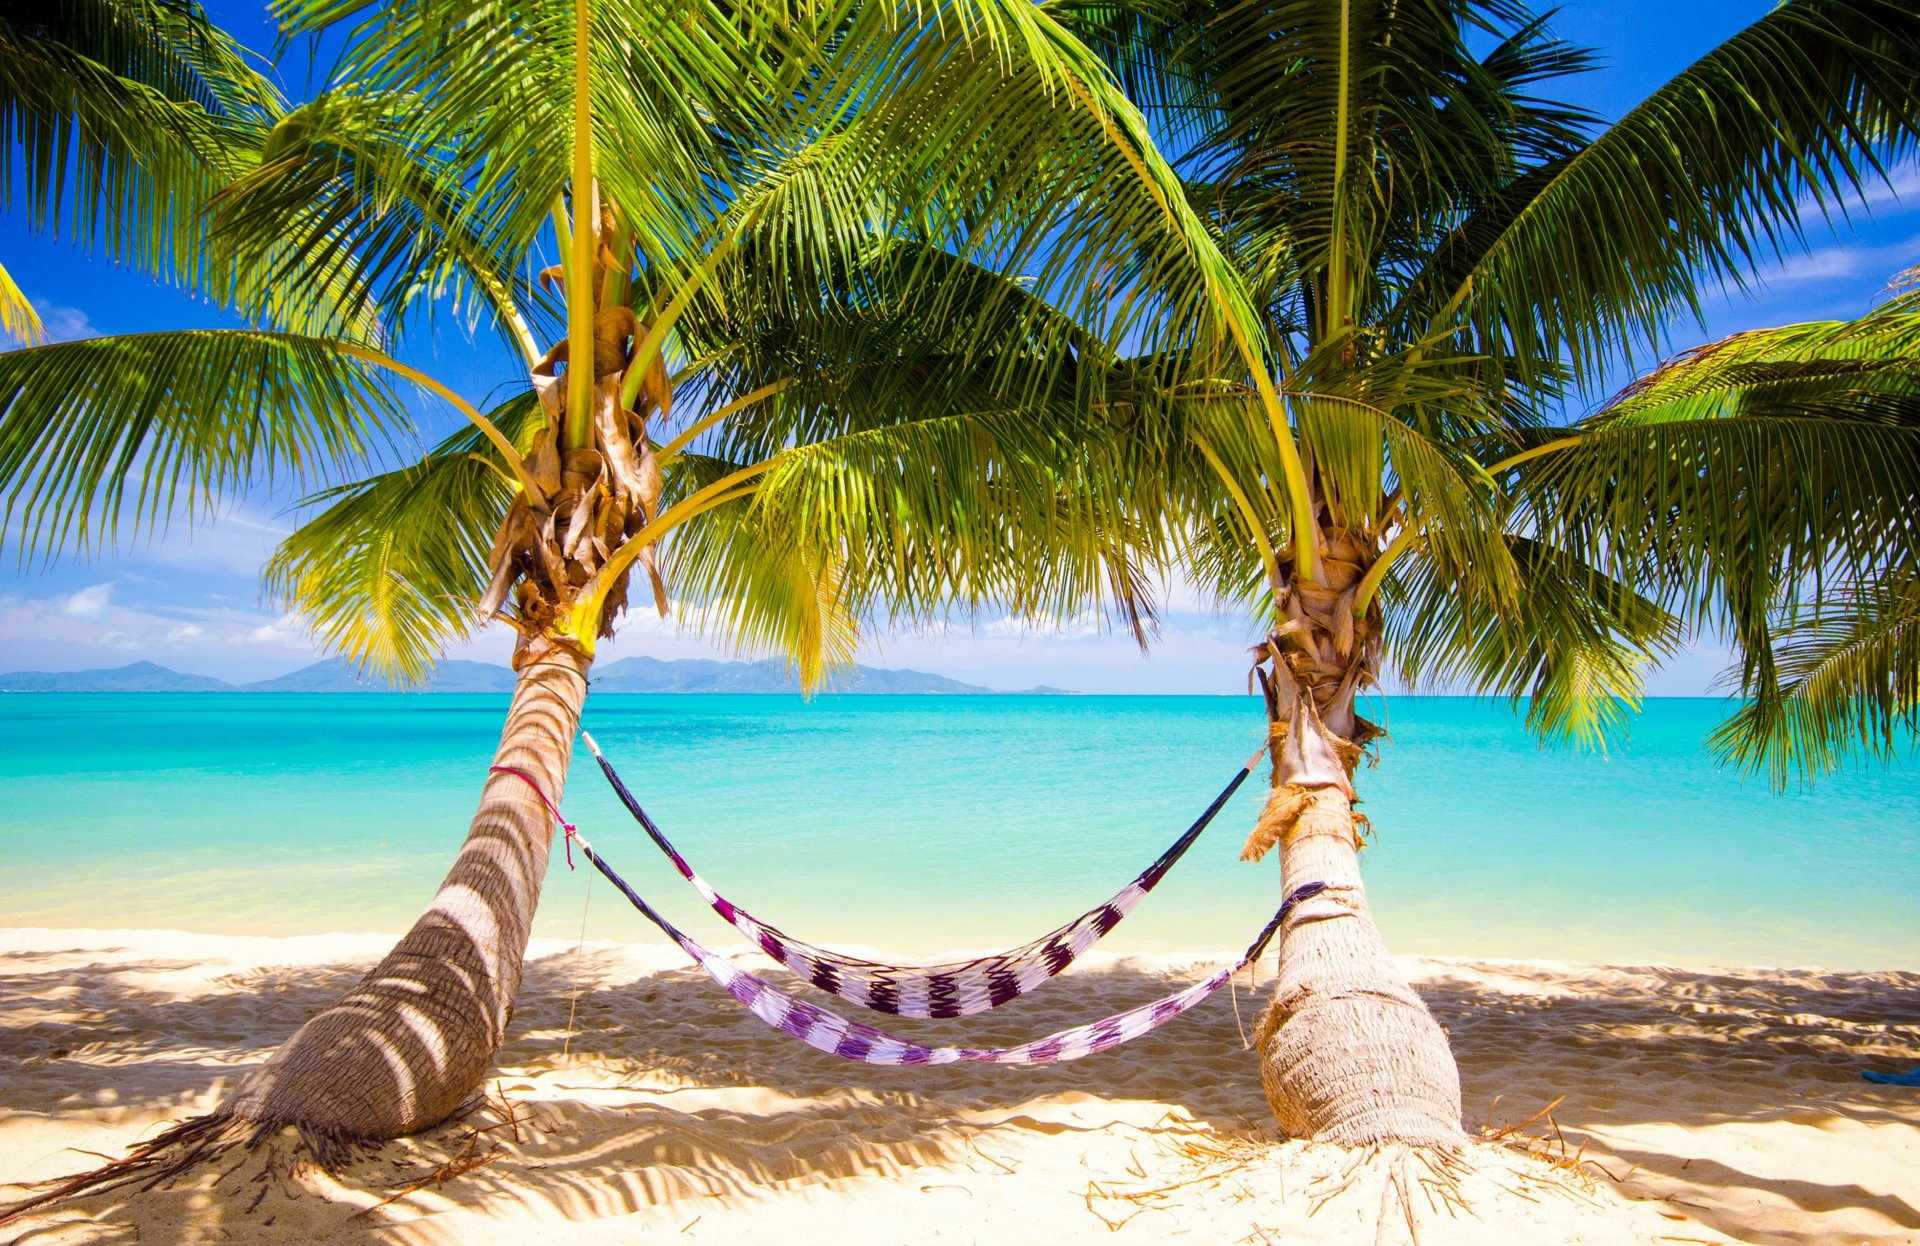 природа песок пляж дома море пальмы без смс